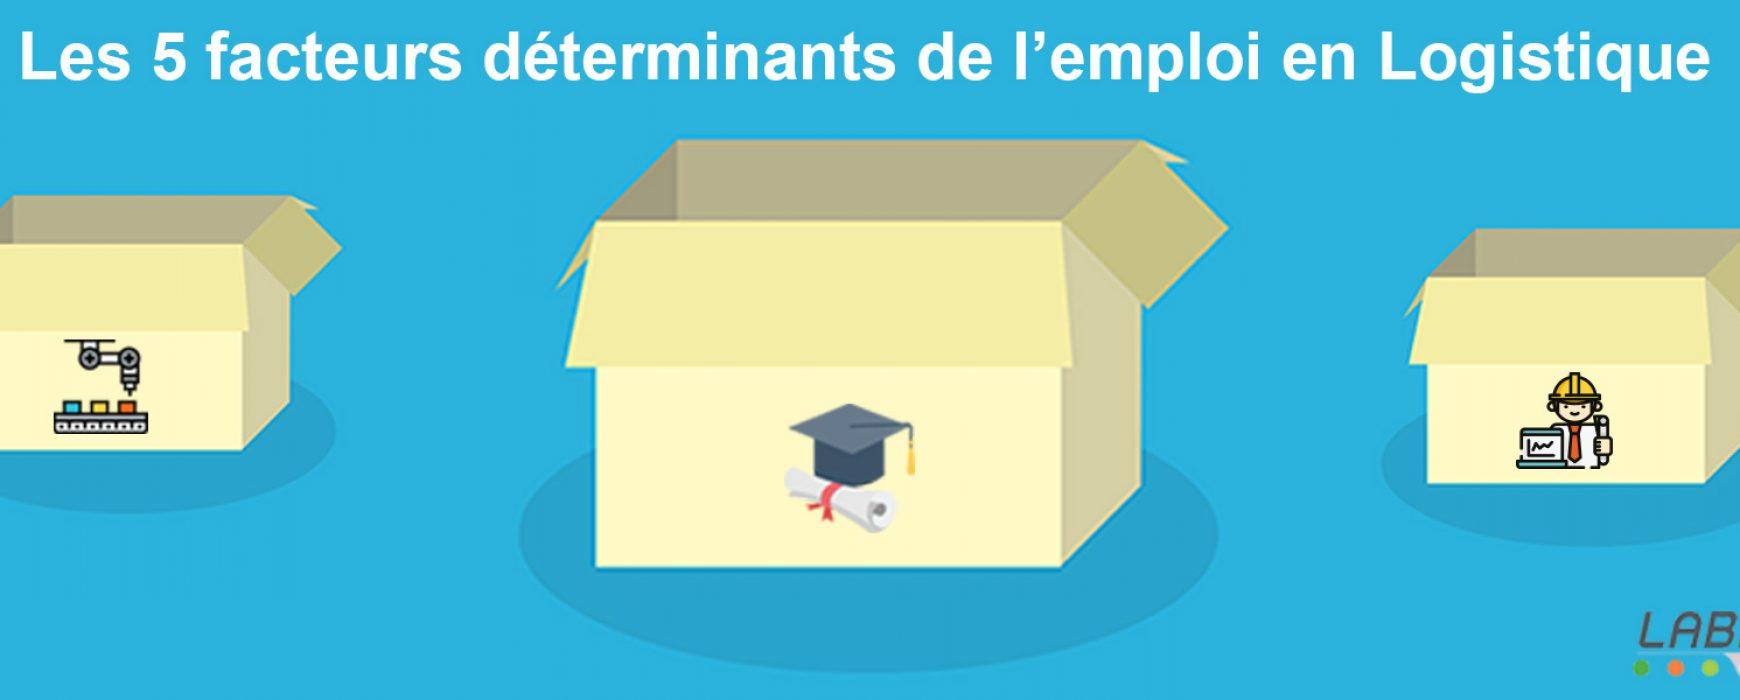 Les 5 facteurs déterminants de l'emploi en Logistique